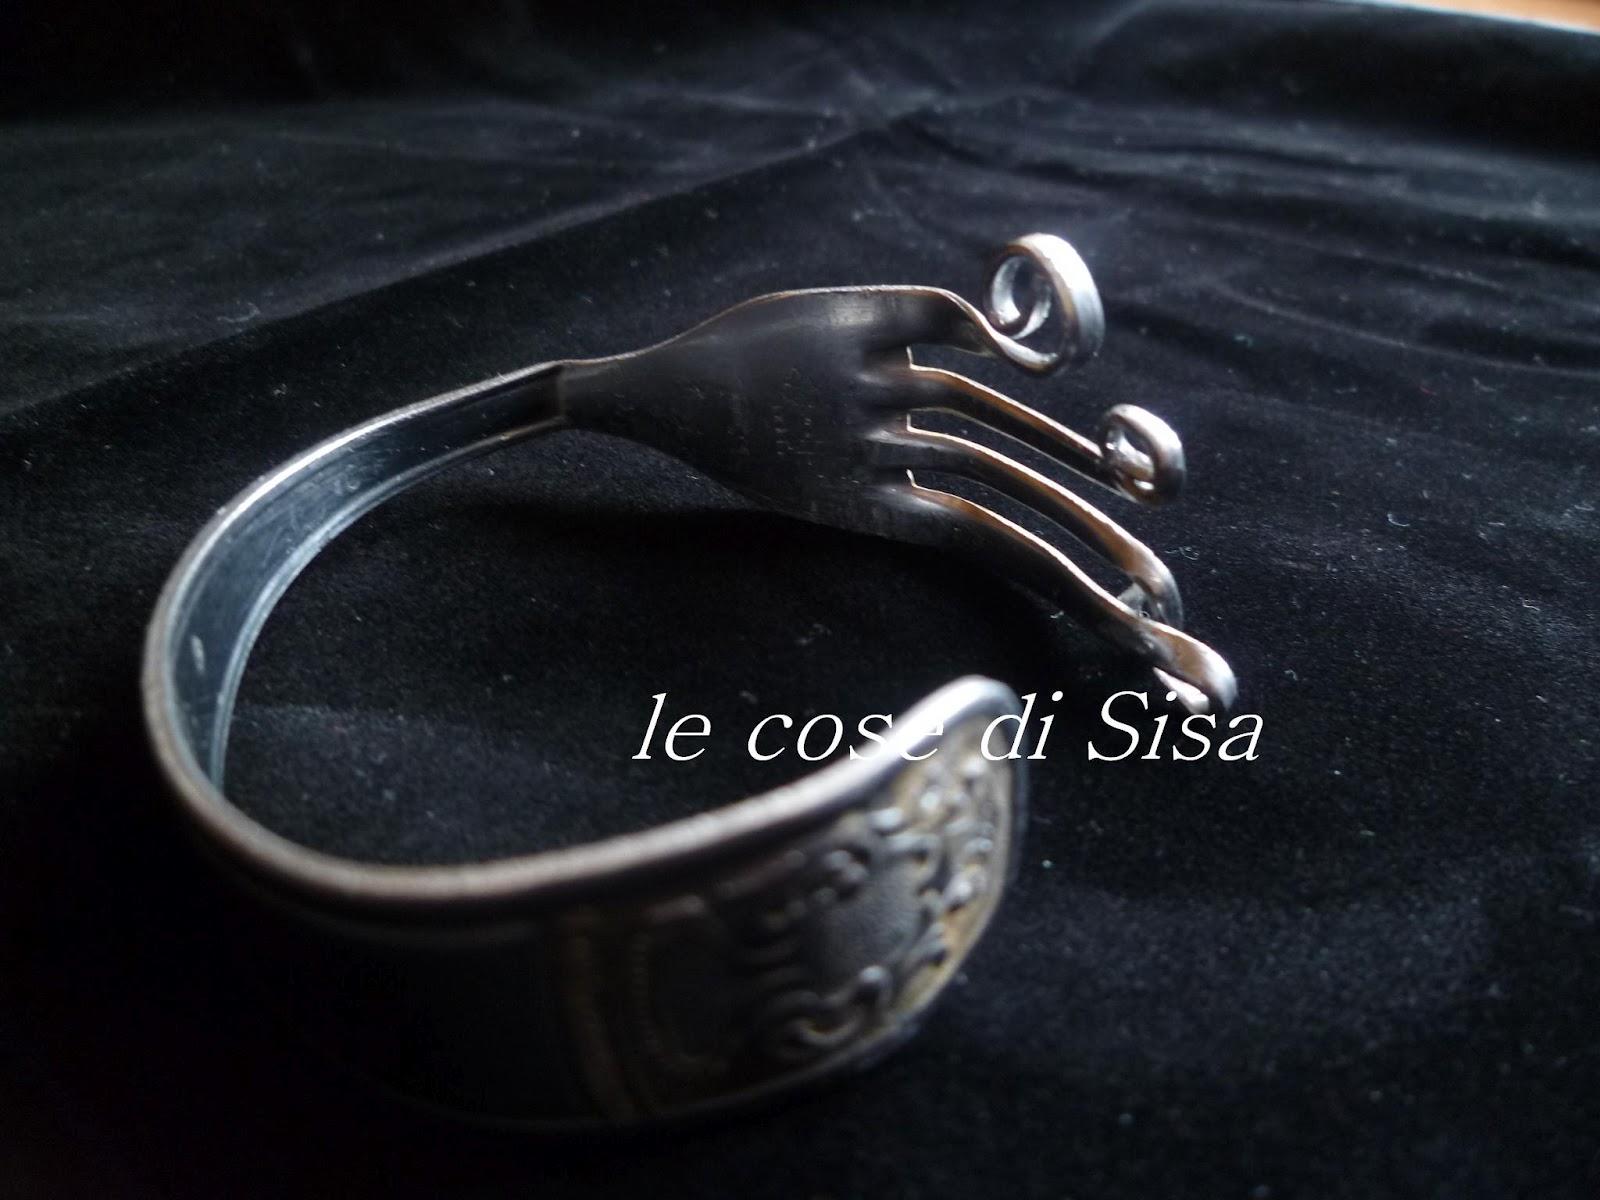 selezione migliore 9b595 d8427 Le cose di Sisa: Posate gioiello - gallery